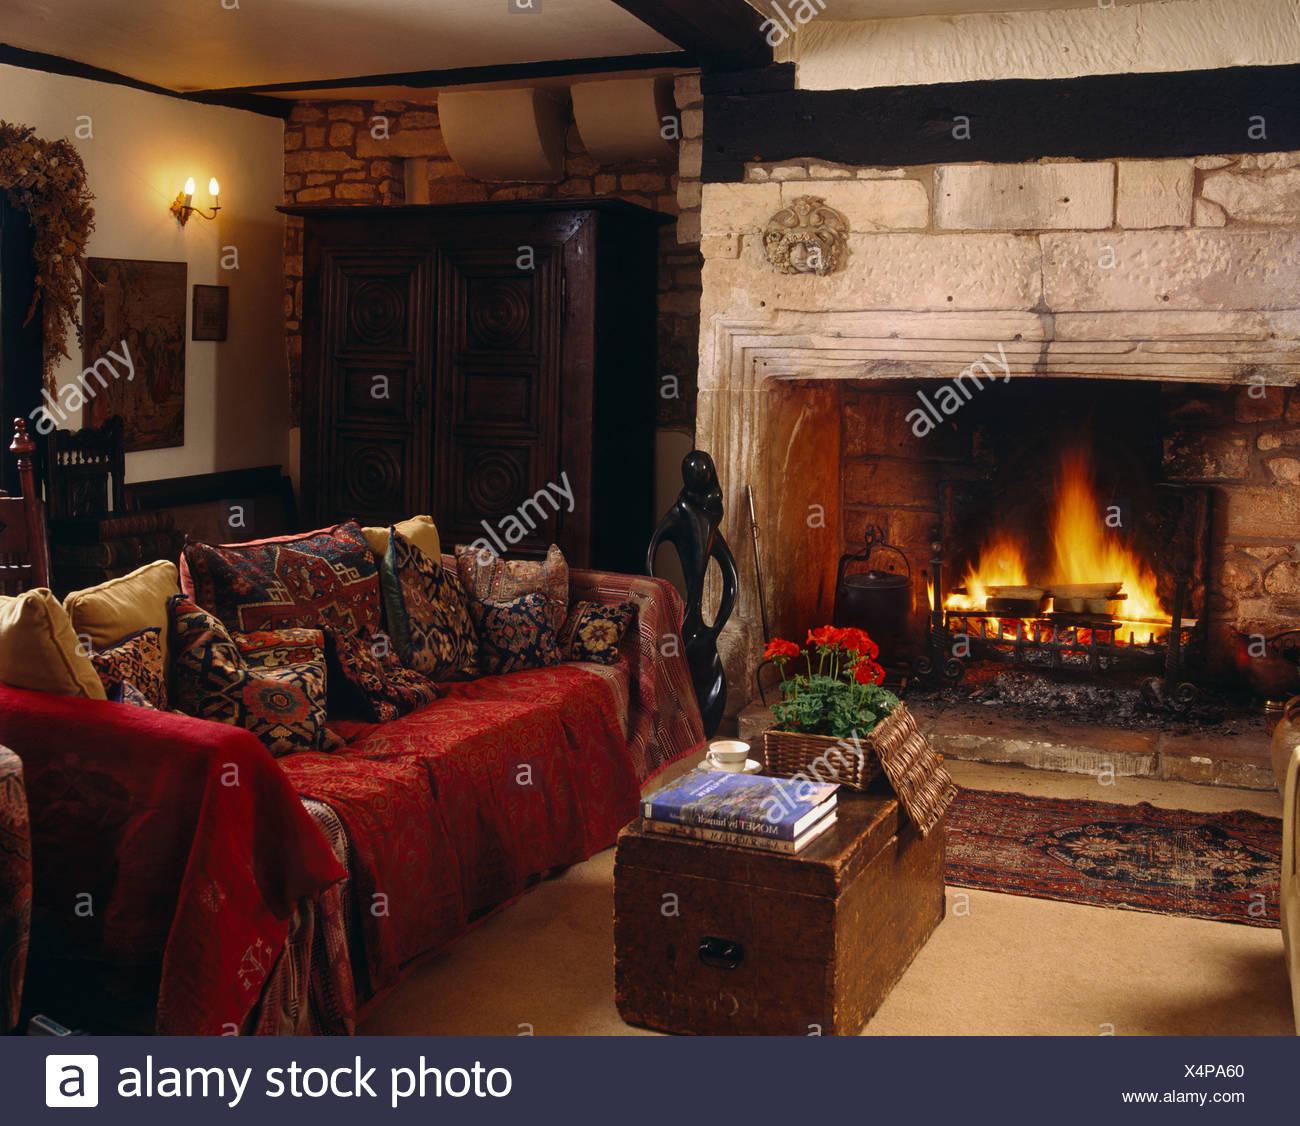 Roten Wurf Auf Sofa Mit Kissen Neben Kamin Mit Offenem Kamin Im Wohnzimmer  Gemütlich Land Mit